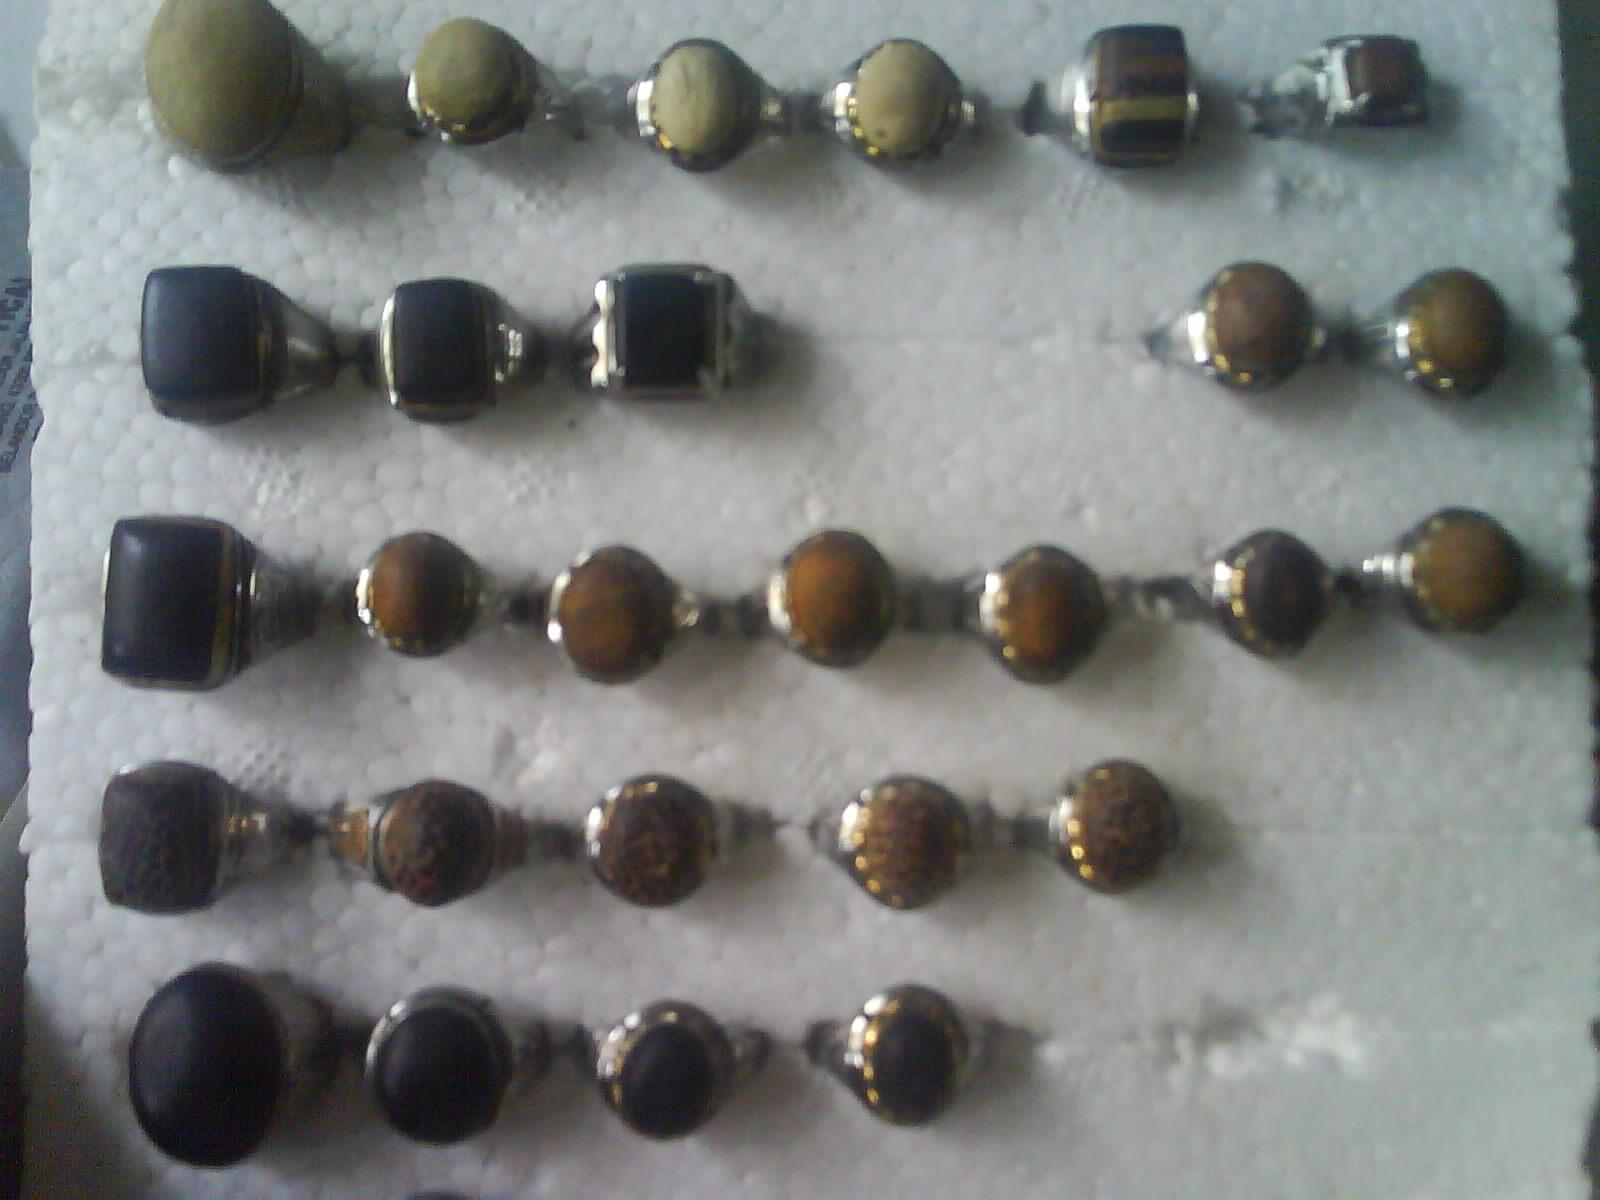 Kayu tas 3 cincin kayu kemuning hitam 4 cincin kayu ibor sesiapa